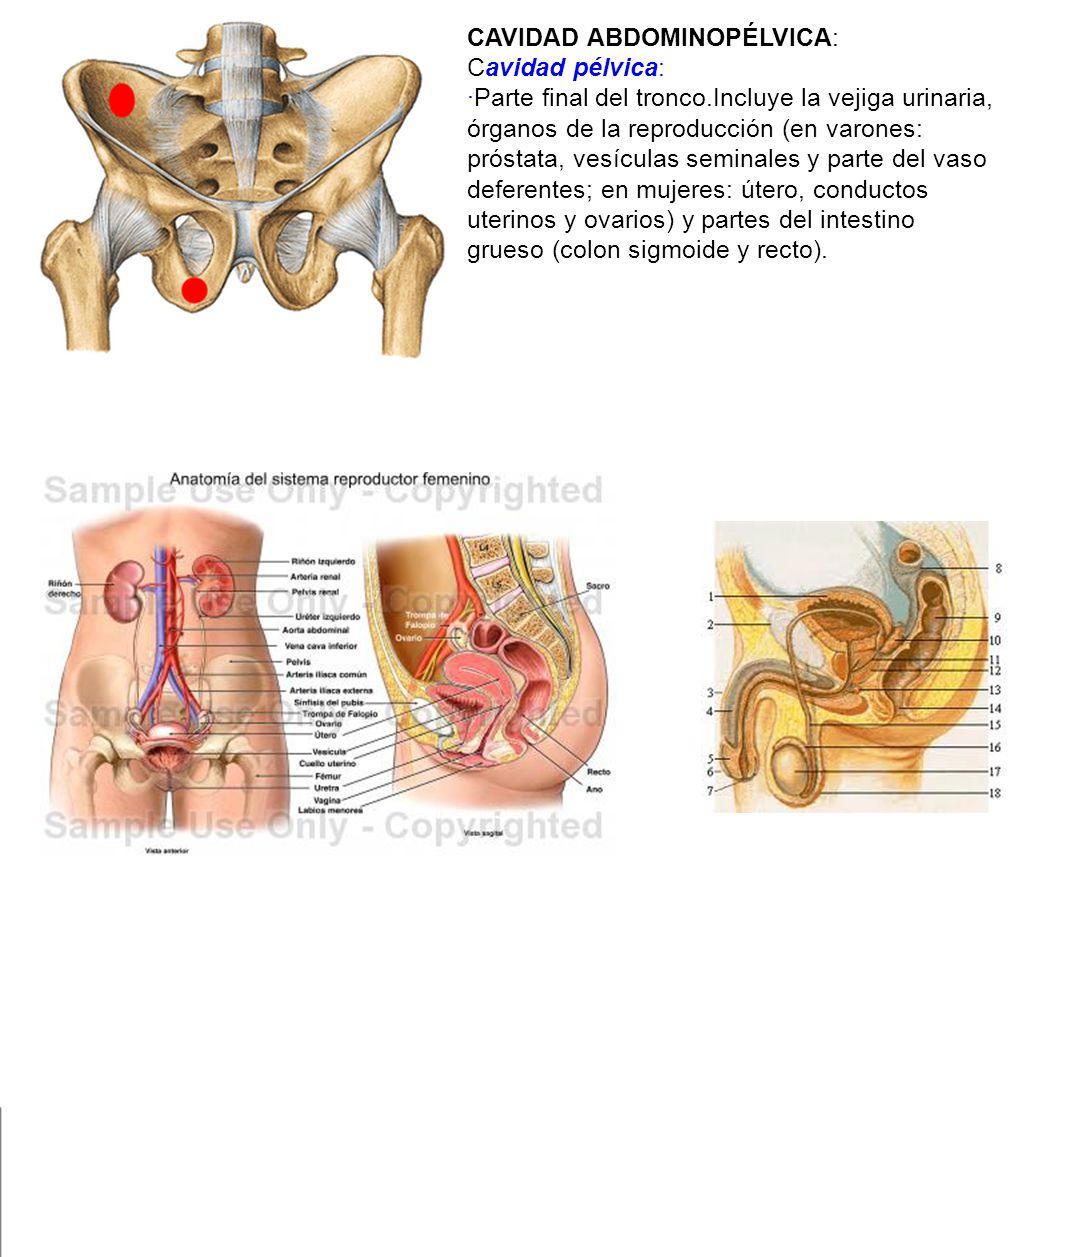 Dorable Anatomía Cavidad Pélvica Patrón - Anatomía de Las ...